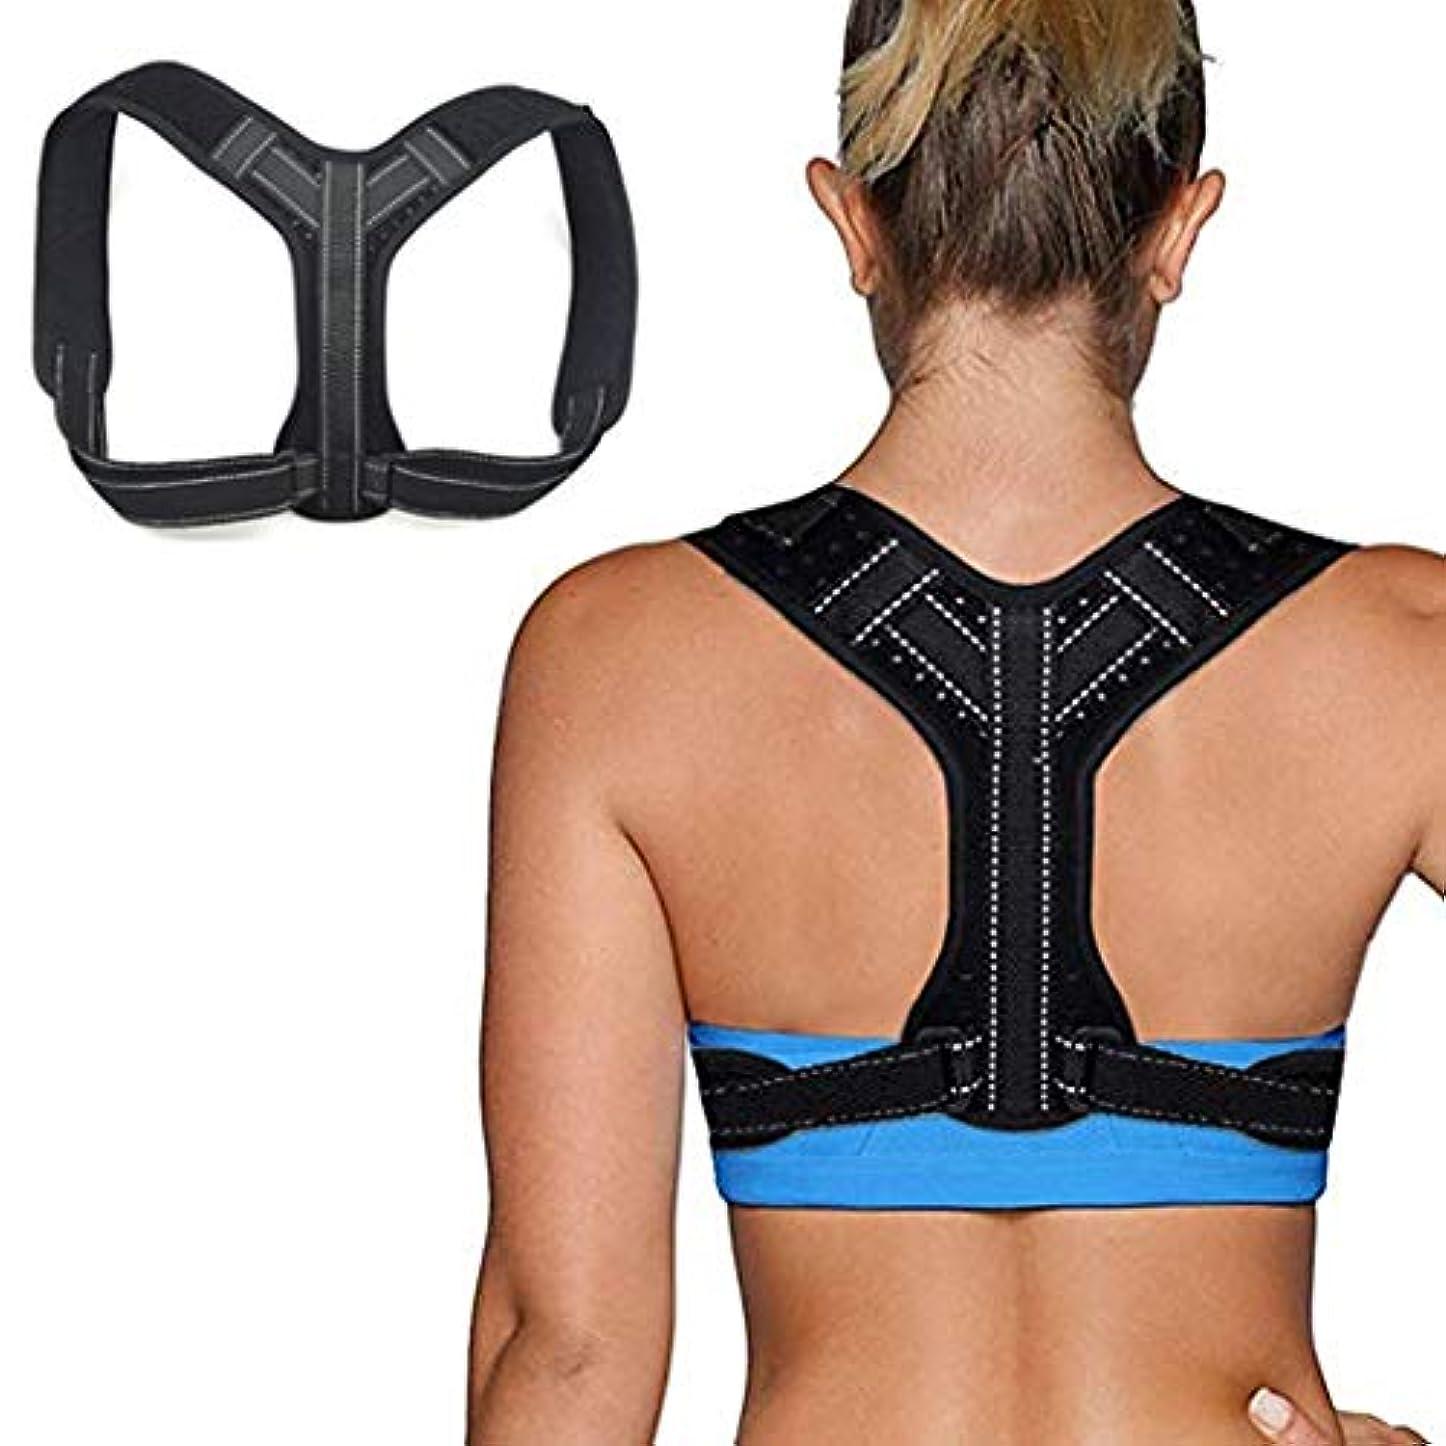 調子爬虫類追い払う背部矯正ベルト成人の弯症矯正座り姿勢を改善します頸部圧迫を促進します血液循環ストレッチ姿勢調節可能な夜反射ストリップ通気性